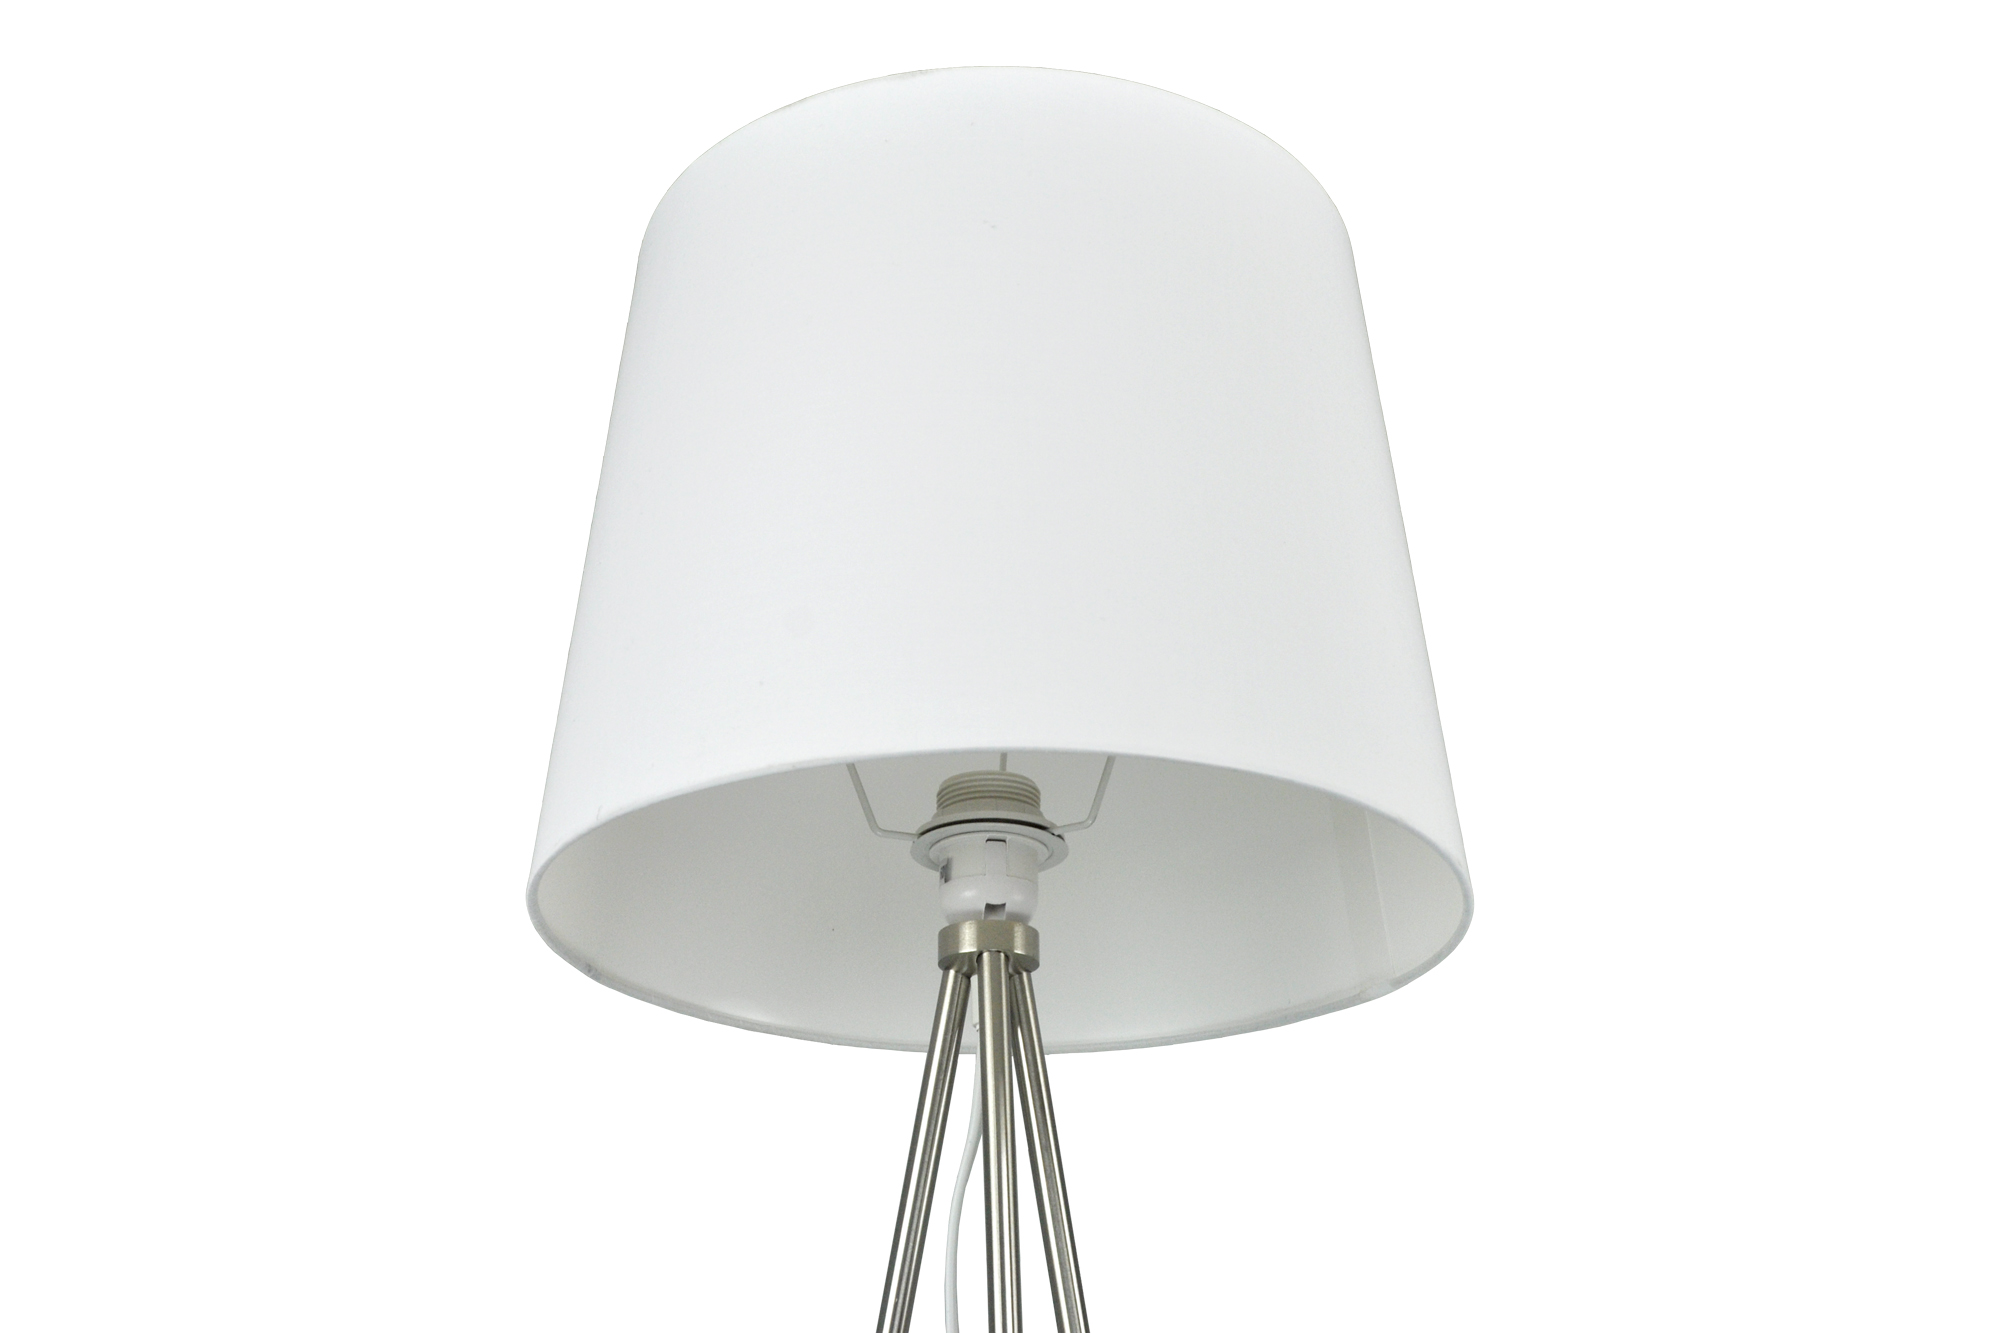 Bianco lux.pro Lampada da Terra in Stile Treppiedi con Base in Metallo e Paralume in Tessuto E27 60W Piantana a Terra